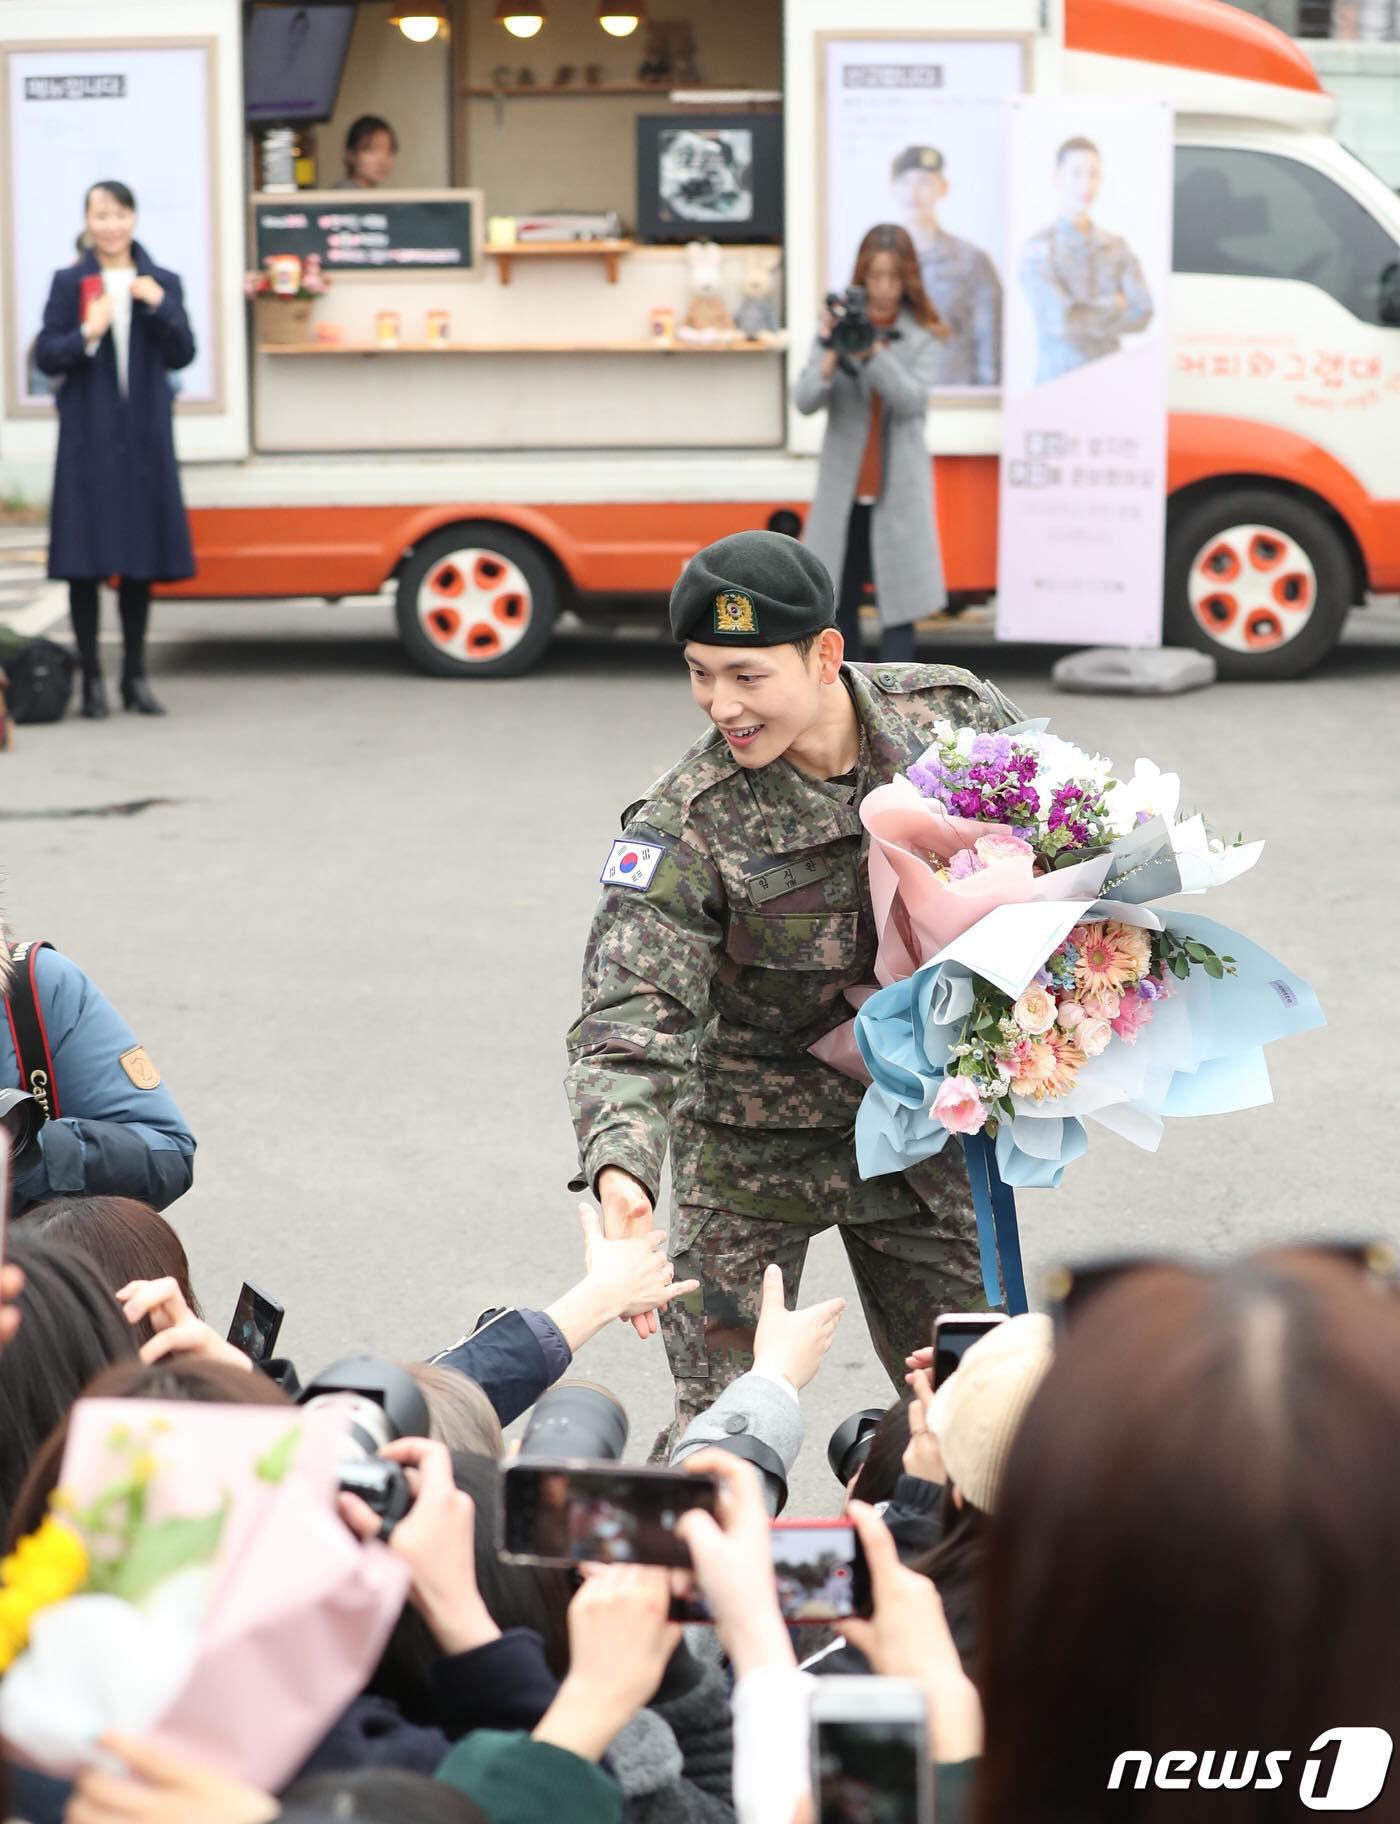 Có ai xuất ngũ như mỹ nam Kpop này: Đi dạo trong khuôn viên trường, nữ sinh vây quanh không khác gì fanmeeting - Ảnh 4.